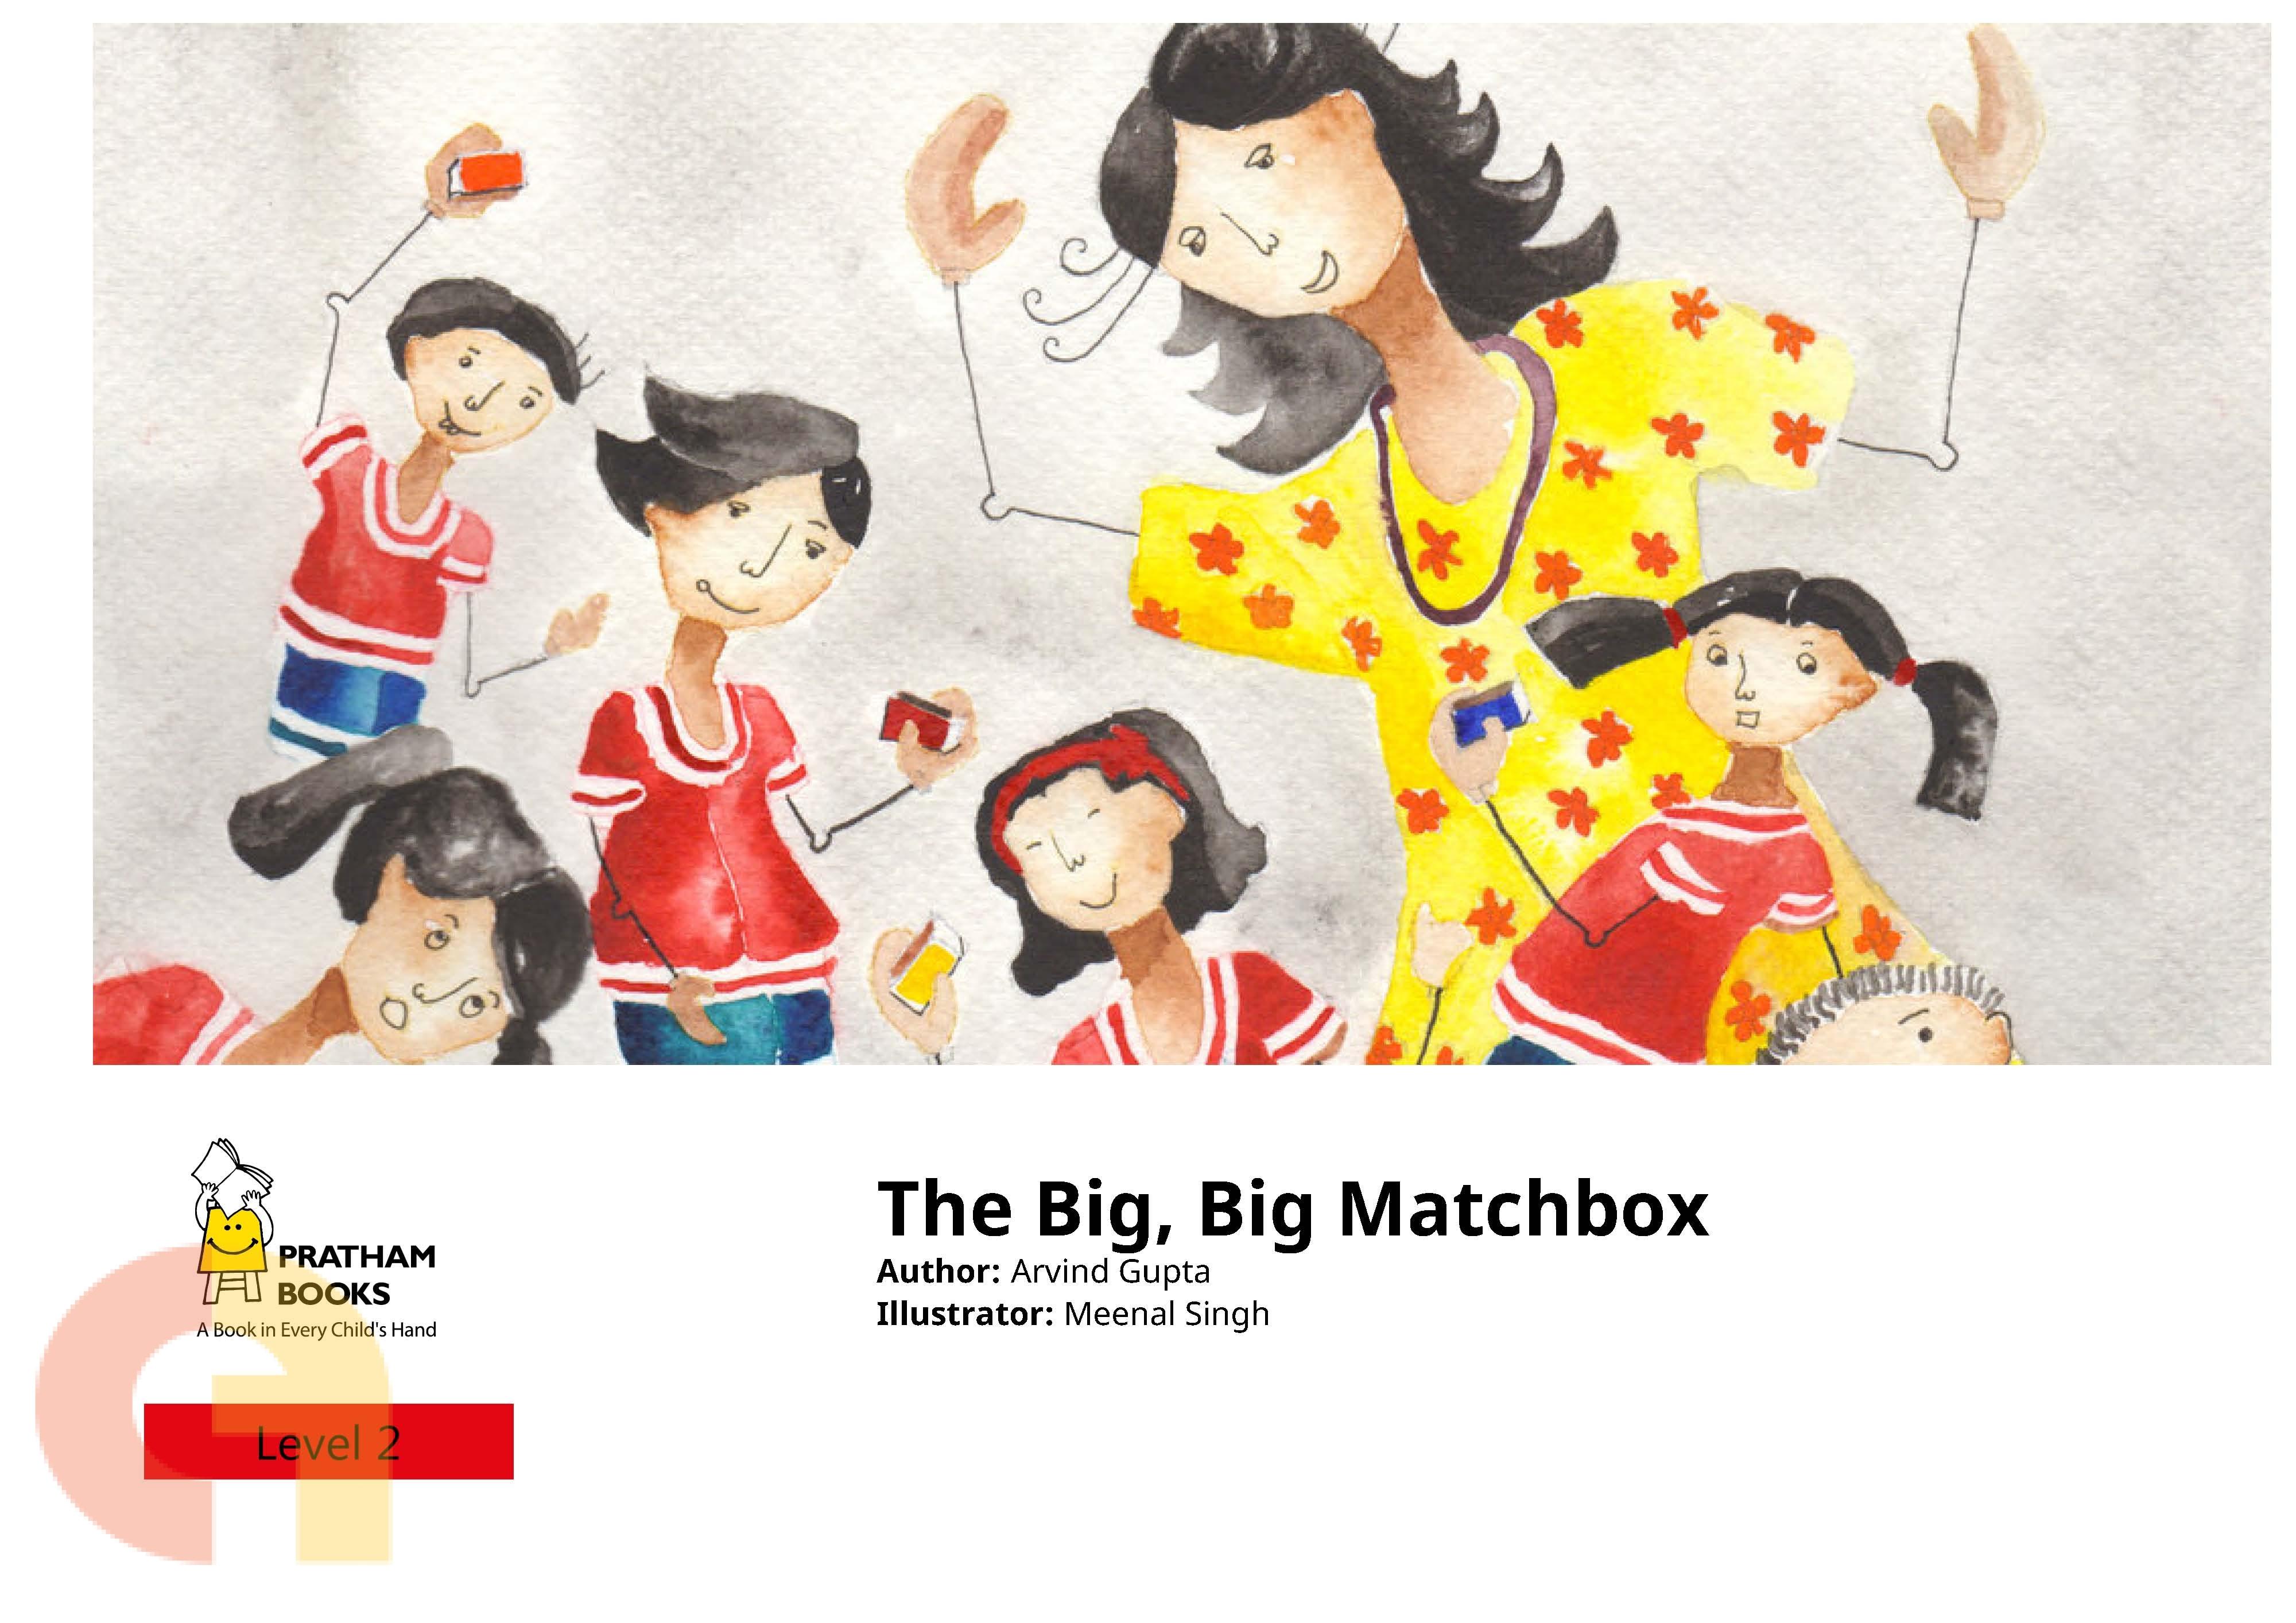 The Big, Big Matchbox - Pratham - Level 2